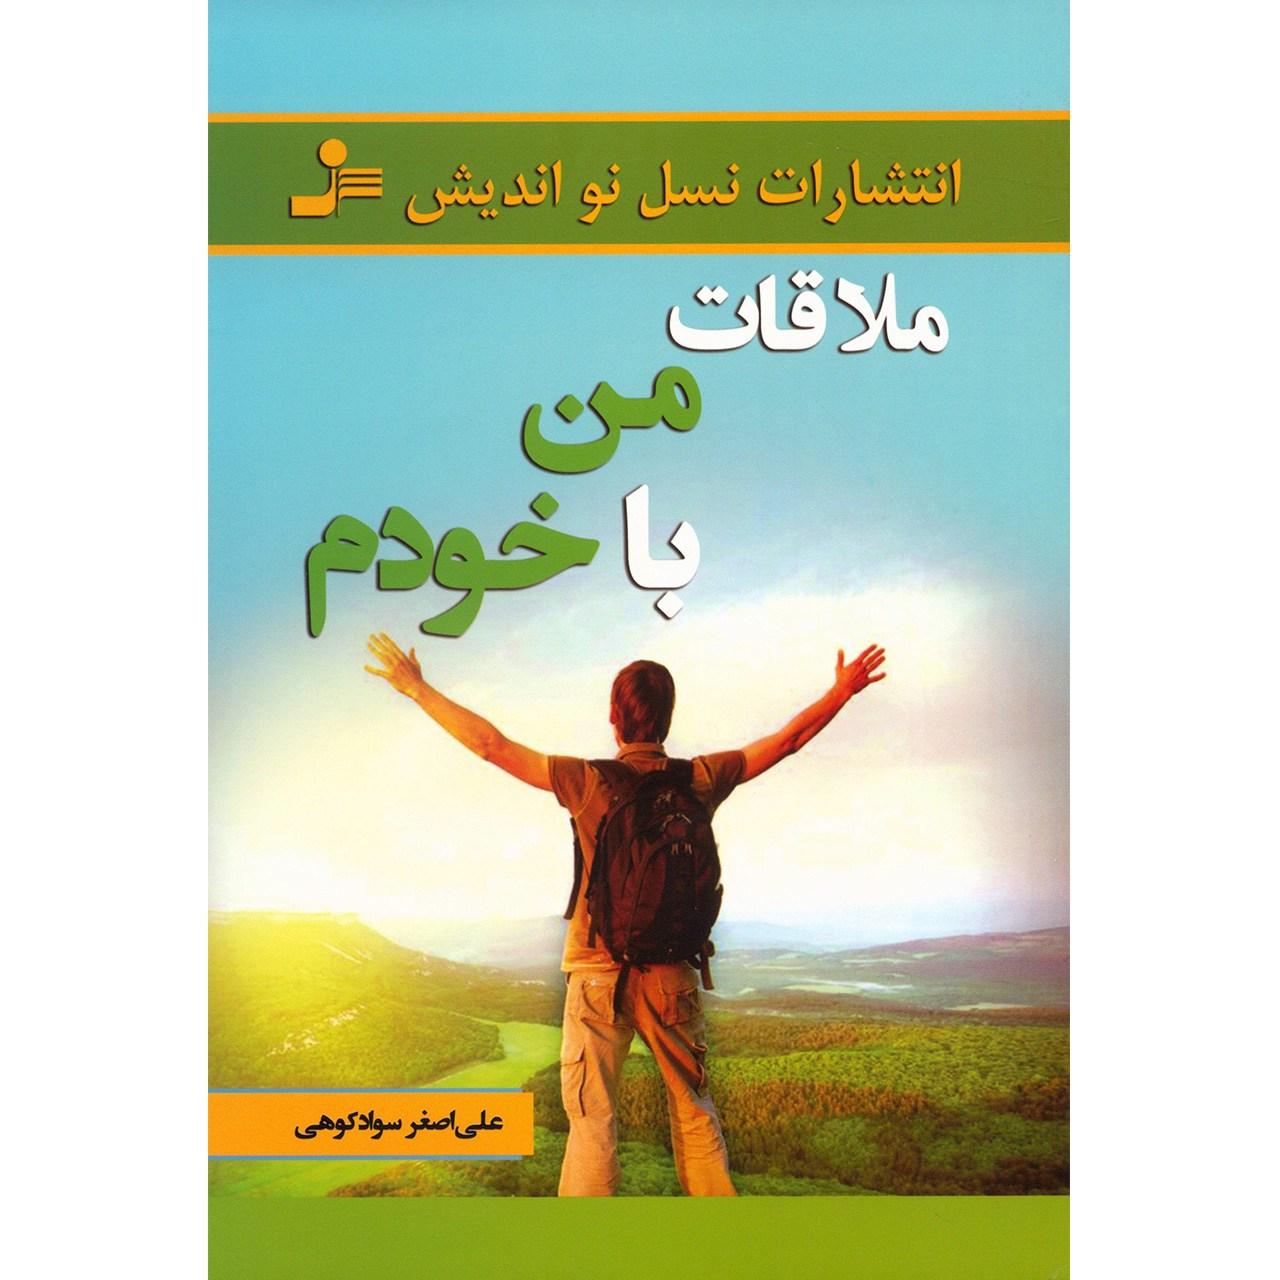 کتاب ملاقات من با خودم اثر علی اصغر سوادکوهی